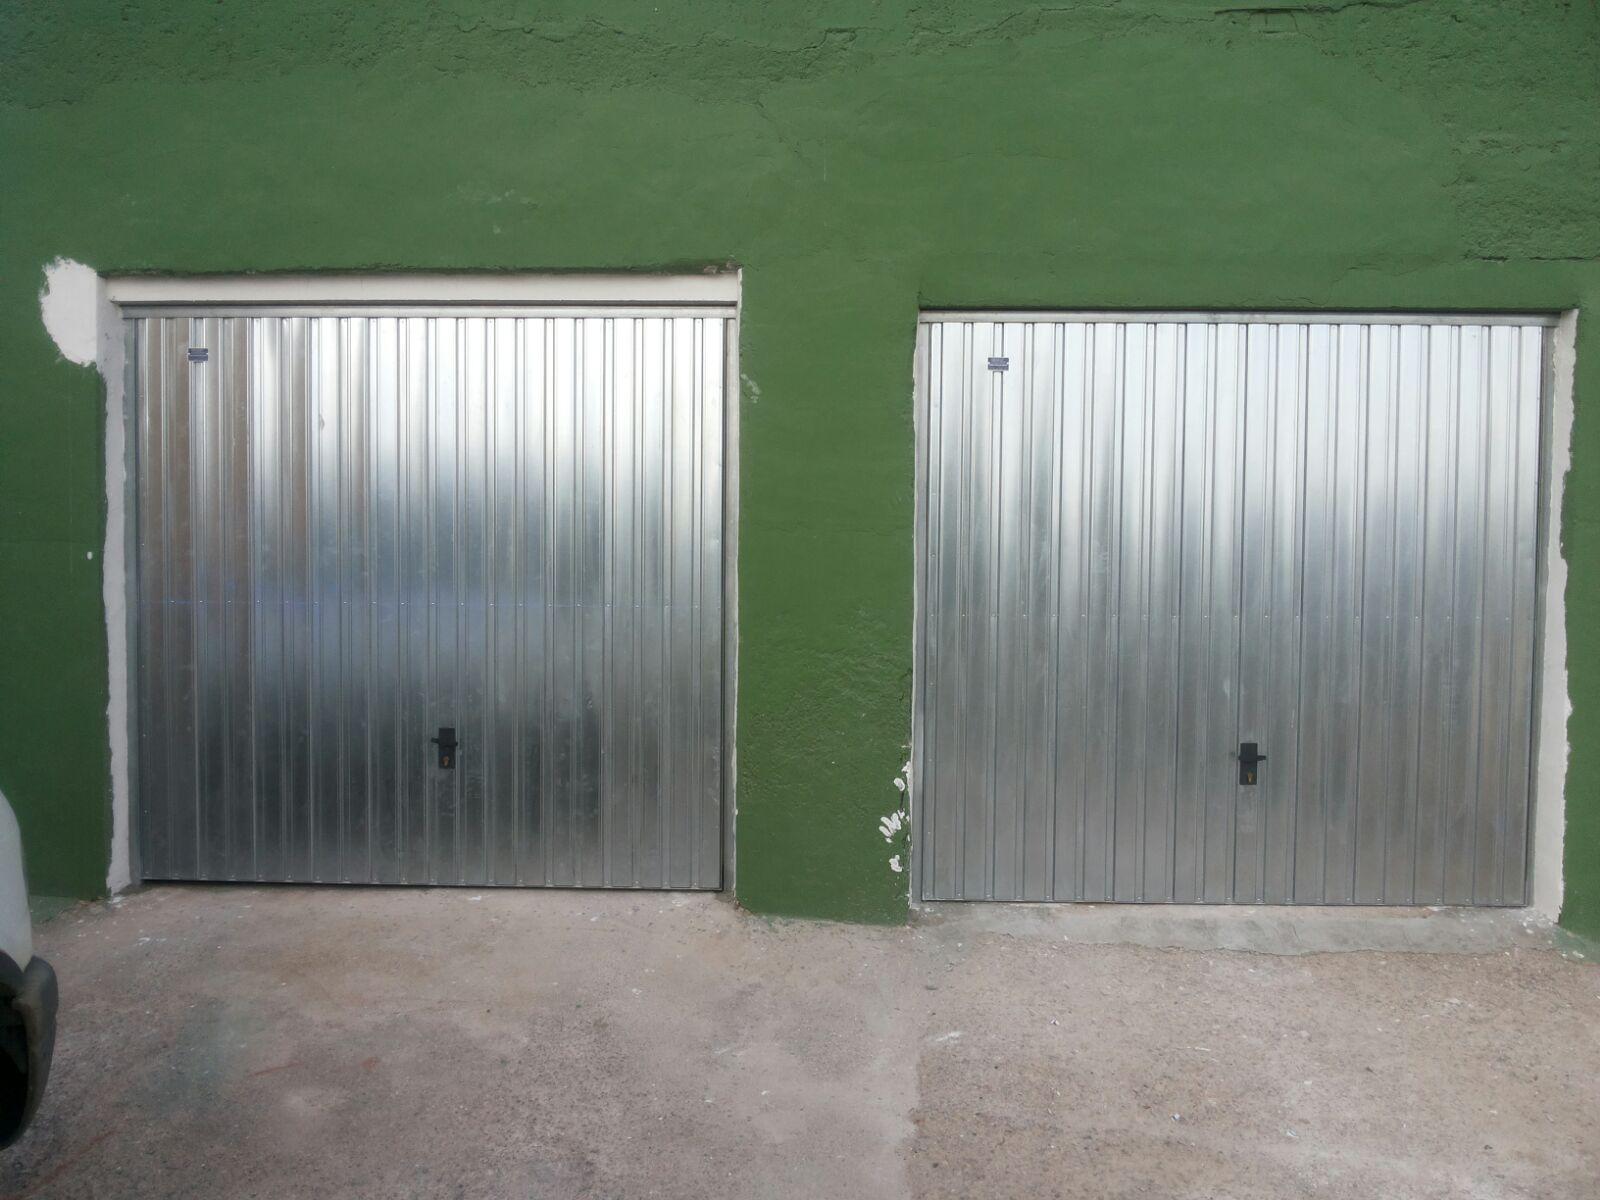 Persianas y puertas manuales y autom ticas pedro reyes for Puertas galvanizadas